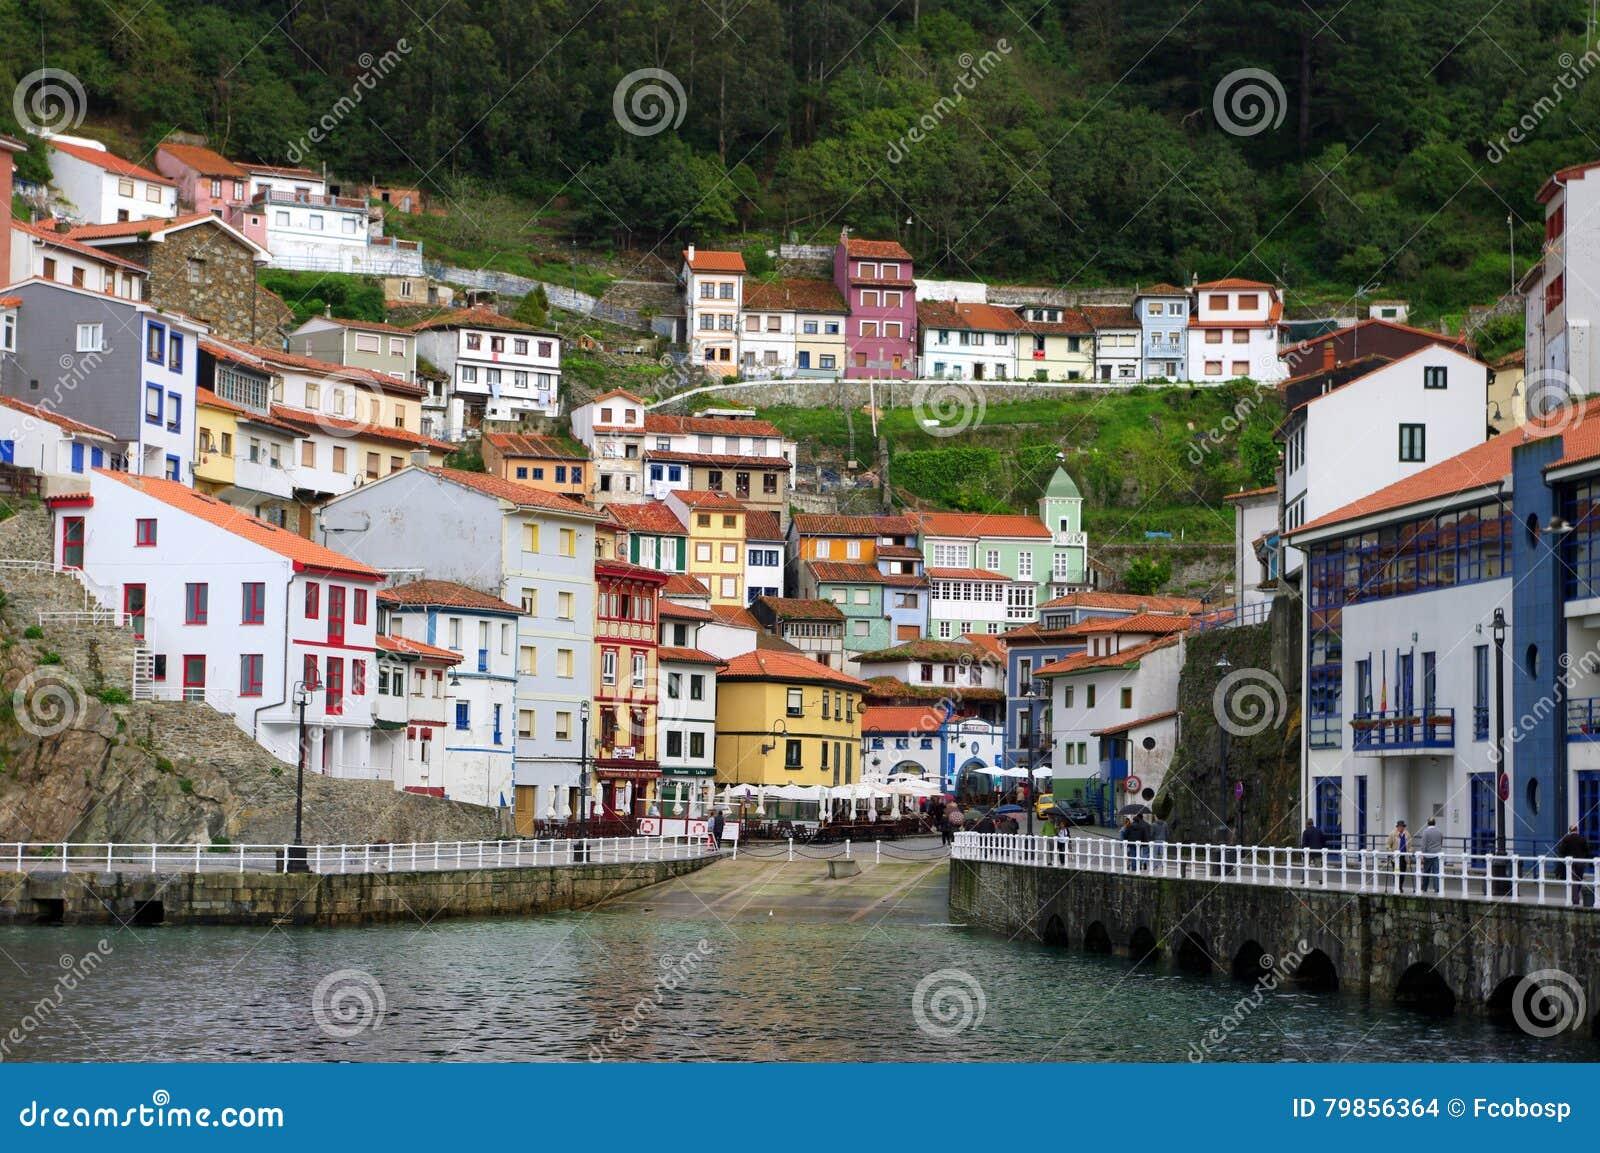 Asturias cudillero spain